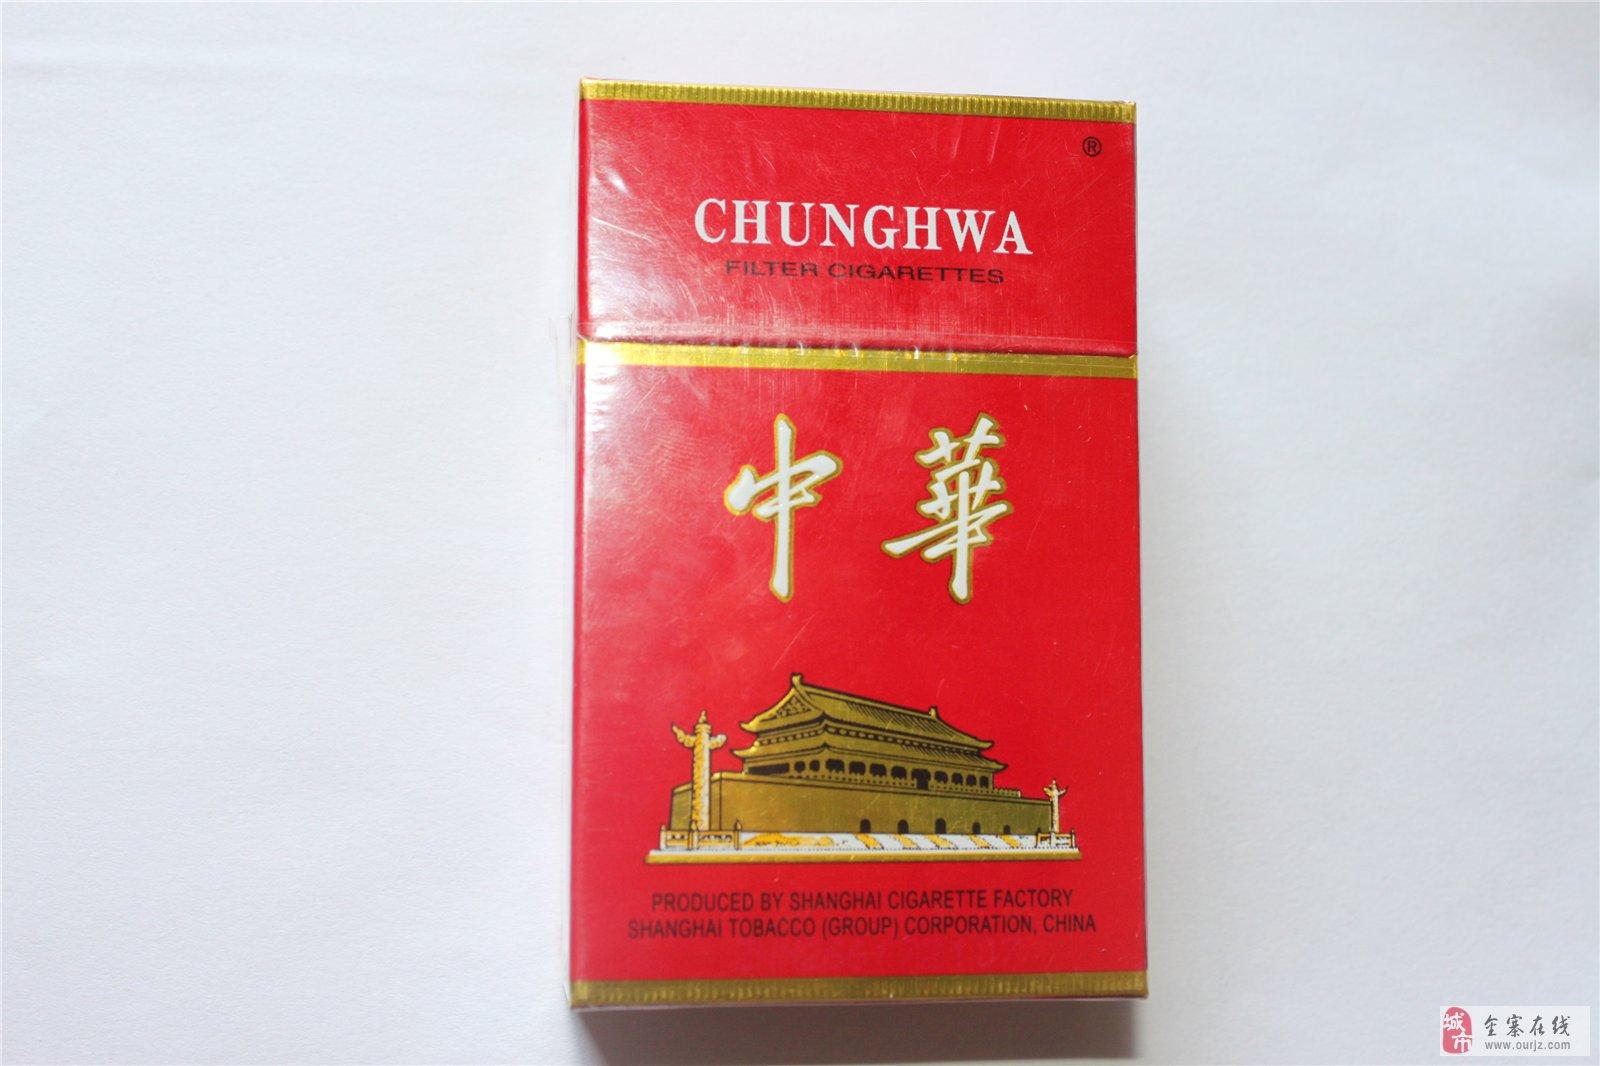 钓鱼台香烟专供出口多少钱一包